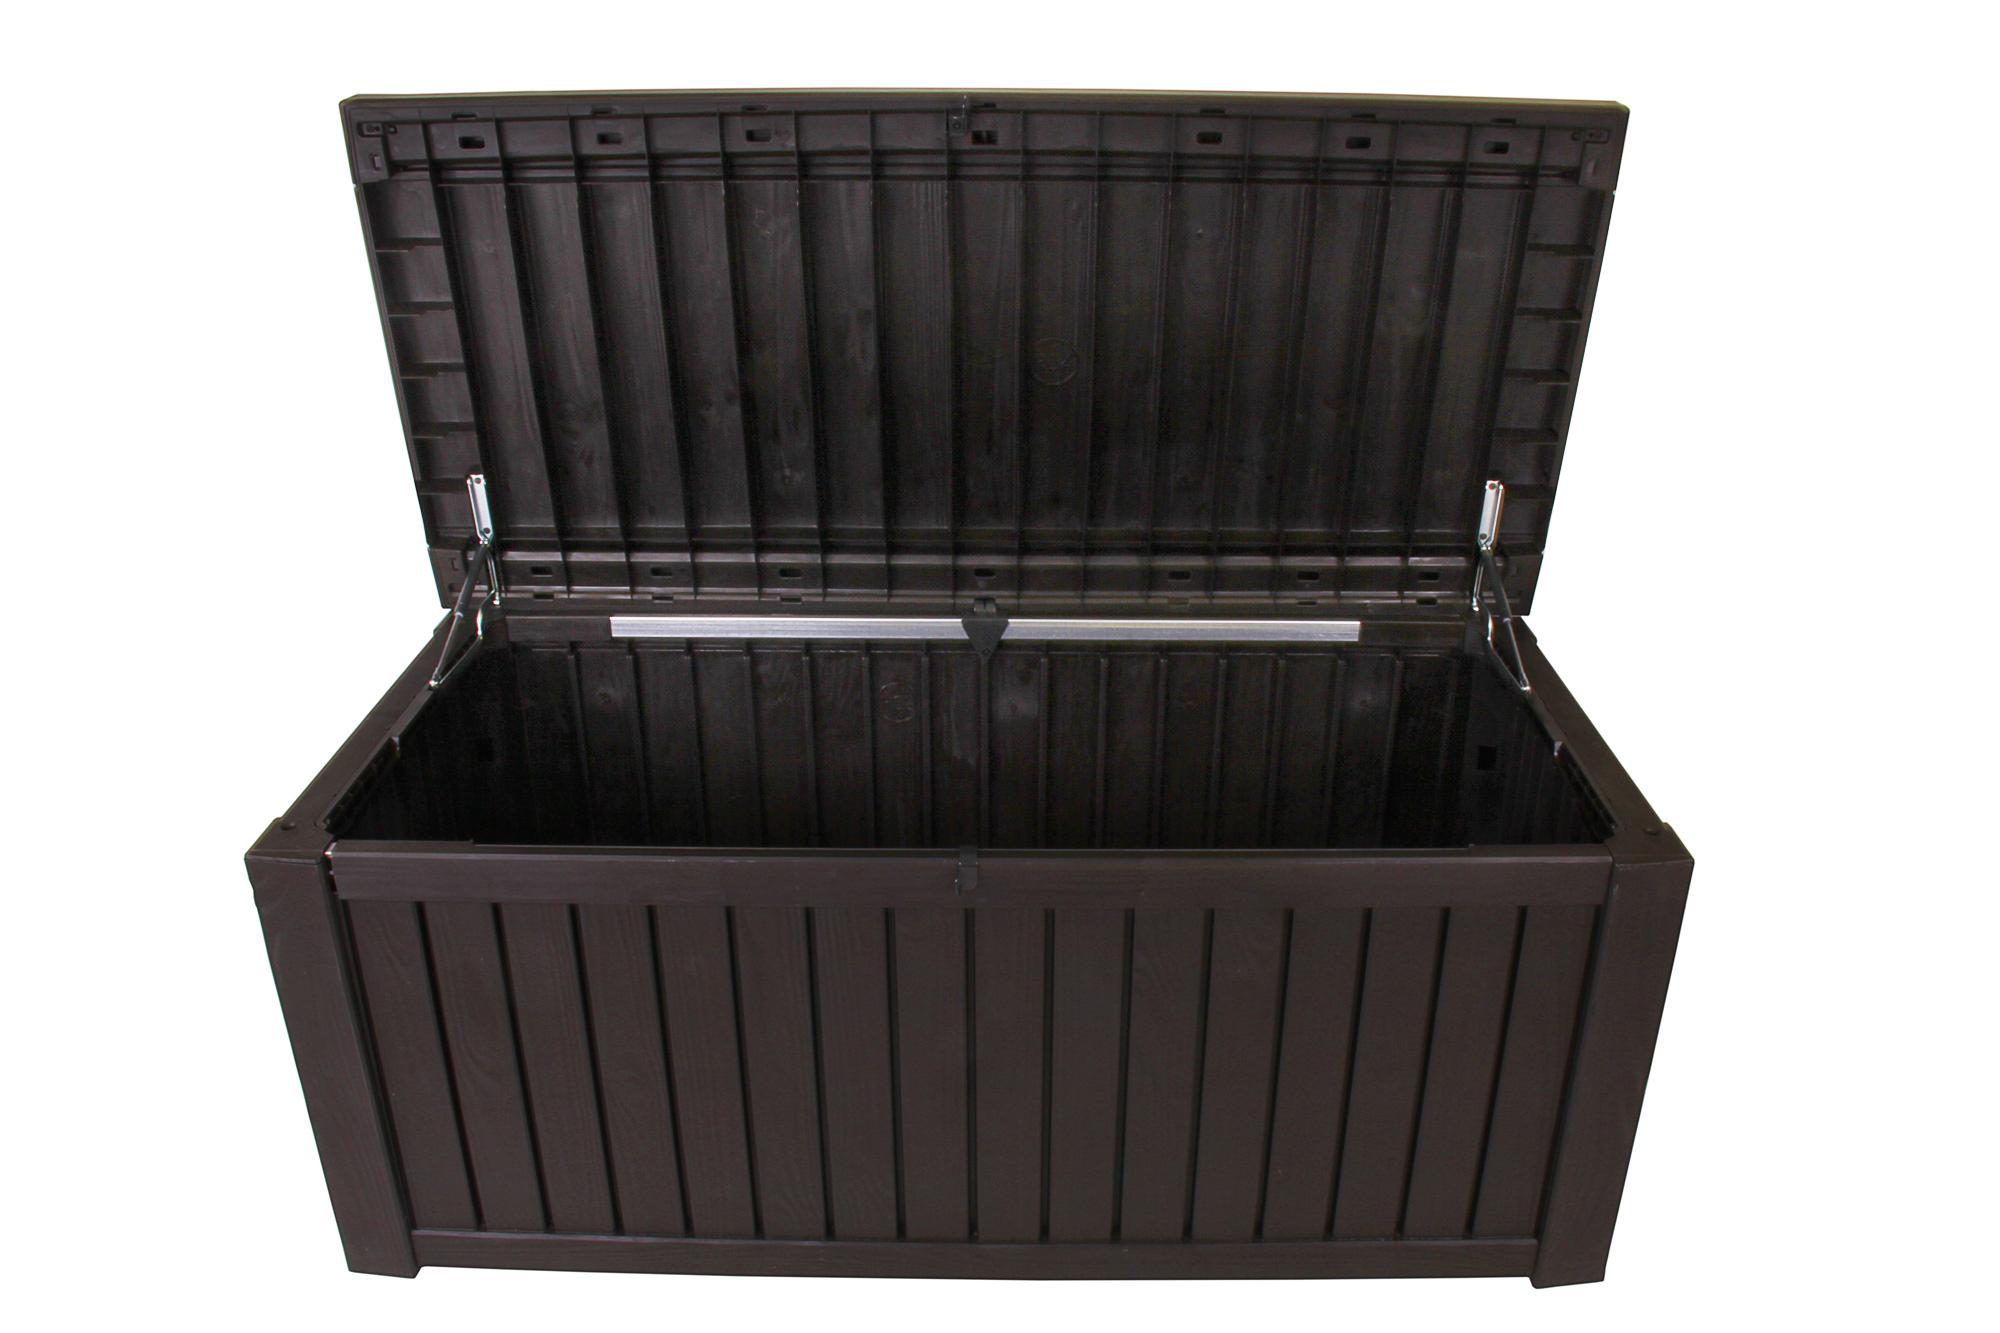 Kettler Gartenmobel Stapelsessel :  Kissenbox Rockwood Auflagenbox Sitztruhe braun jetzt günstig kaufen[R